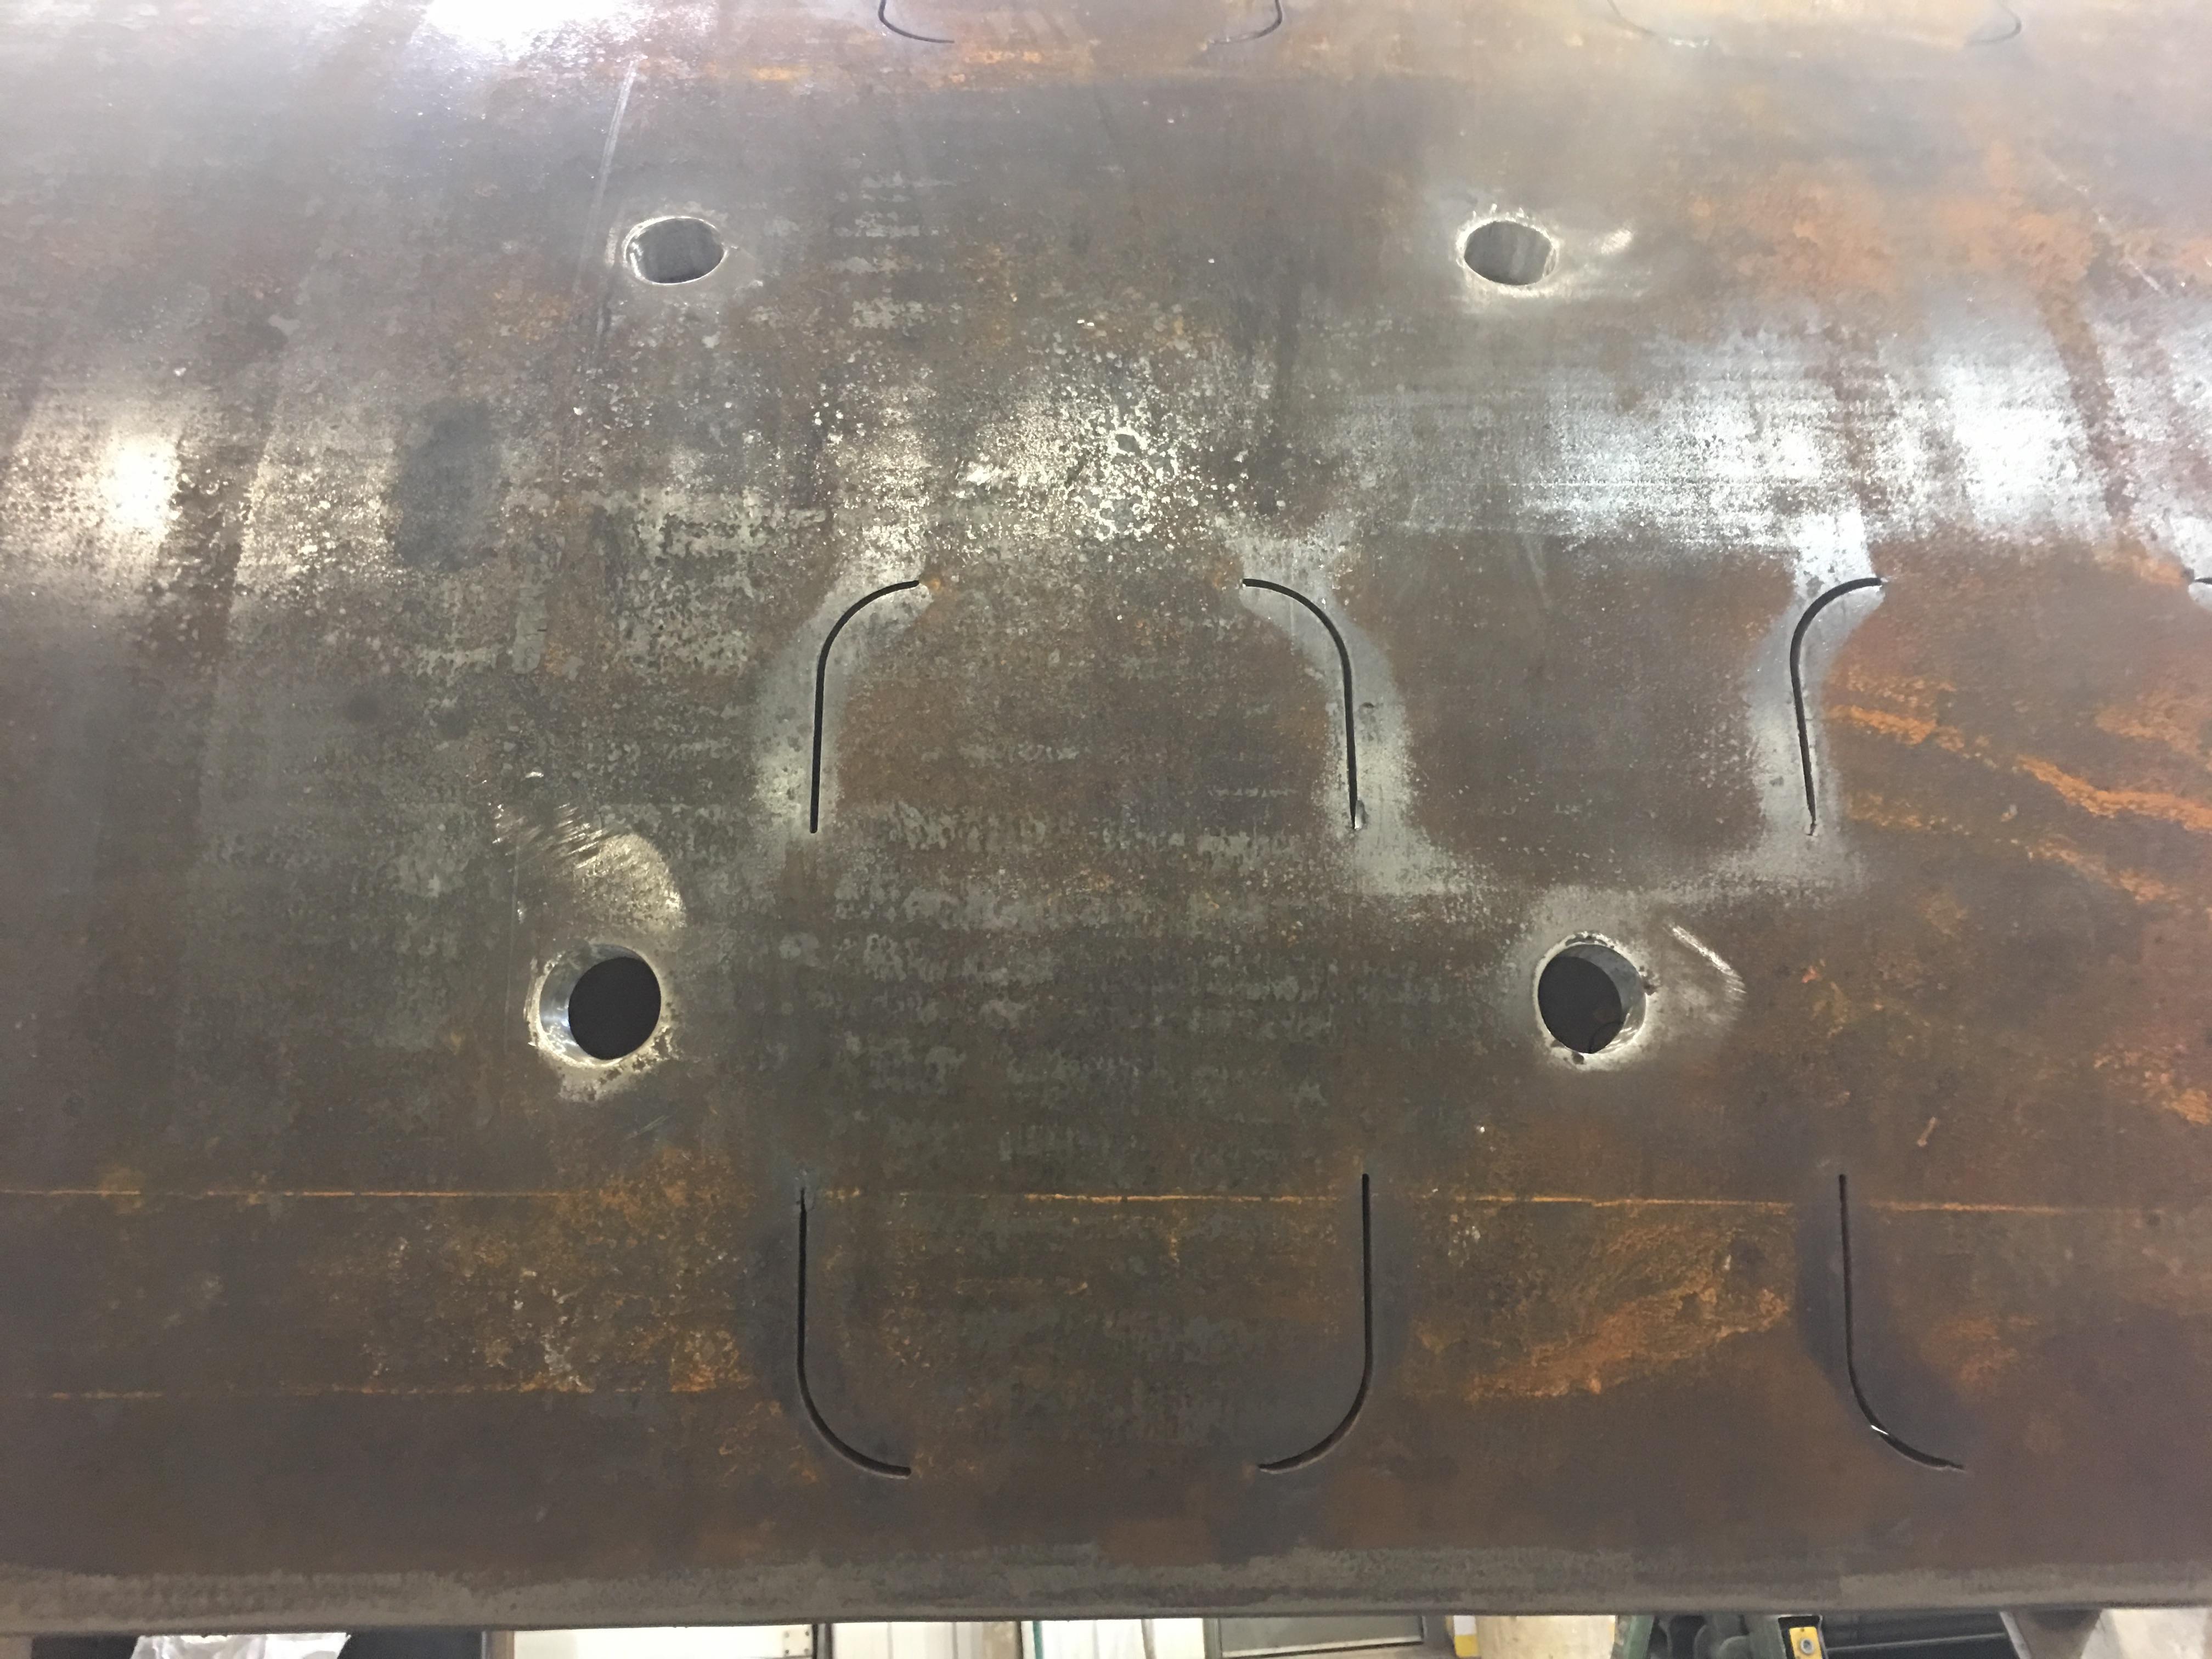 Welding Carbon Steel to Stainless Steel Swanton Welding 2